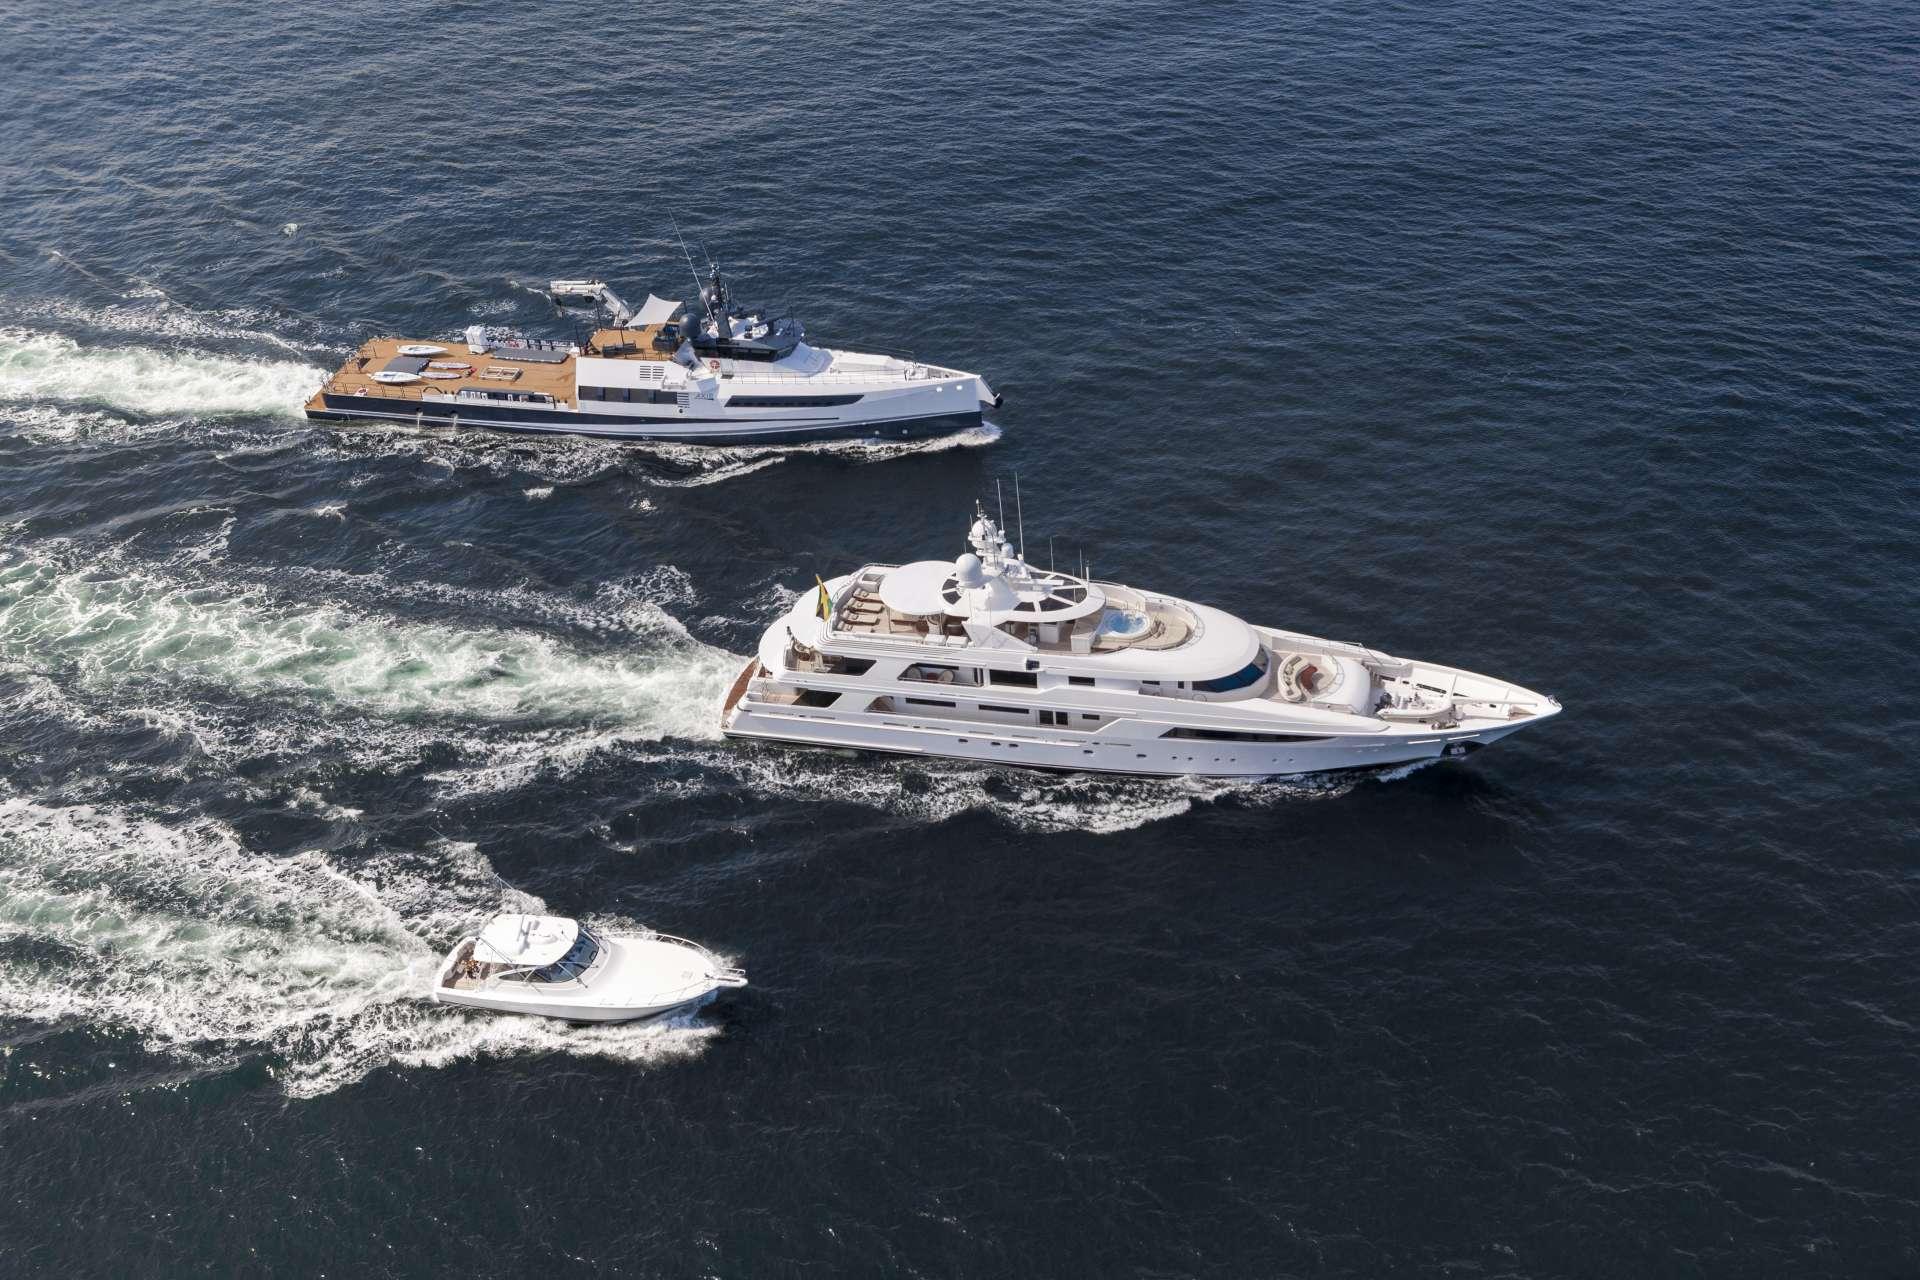 yacht Gigi - Carl Allen